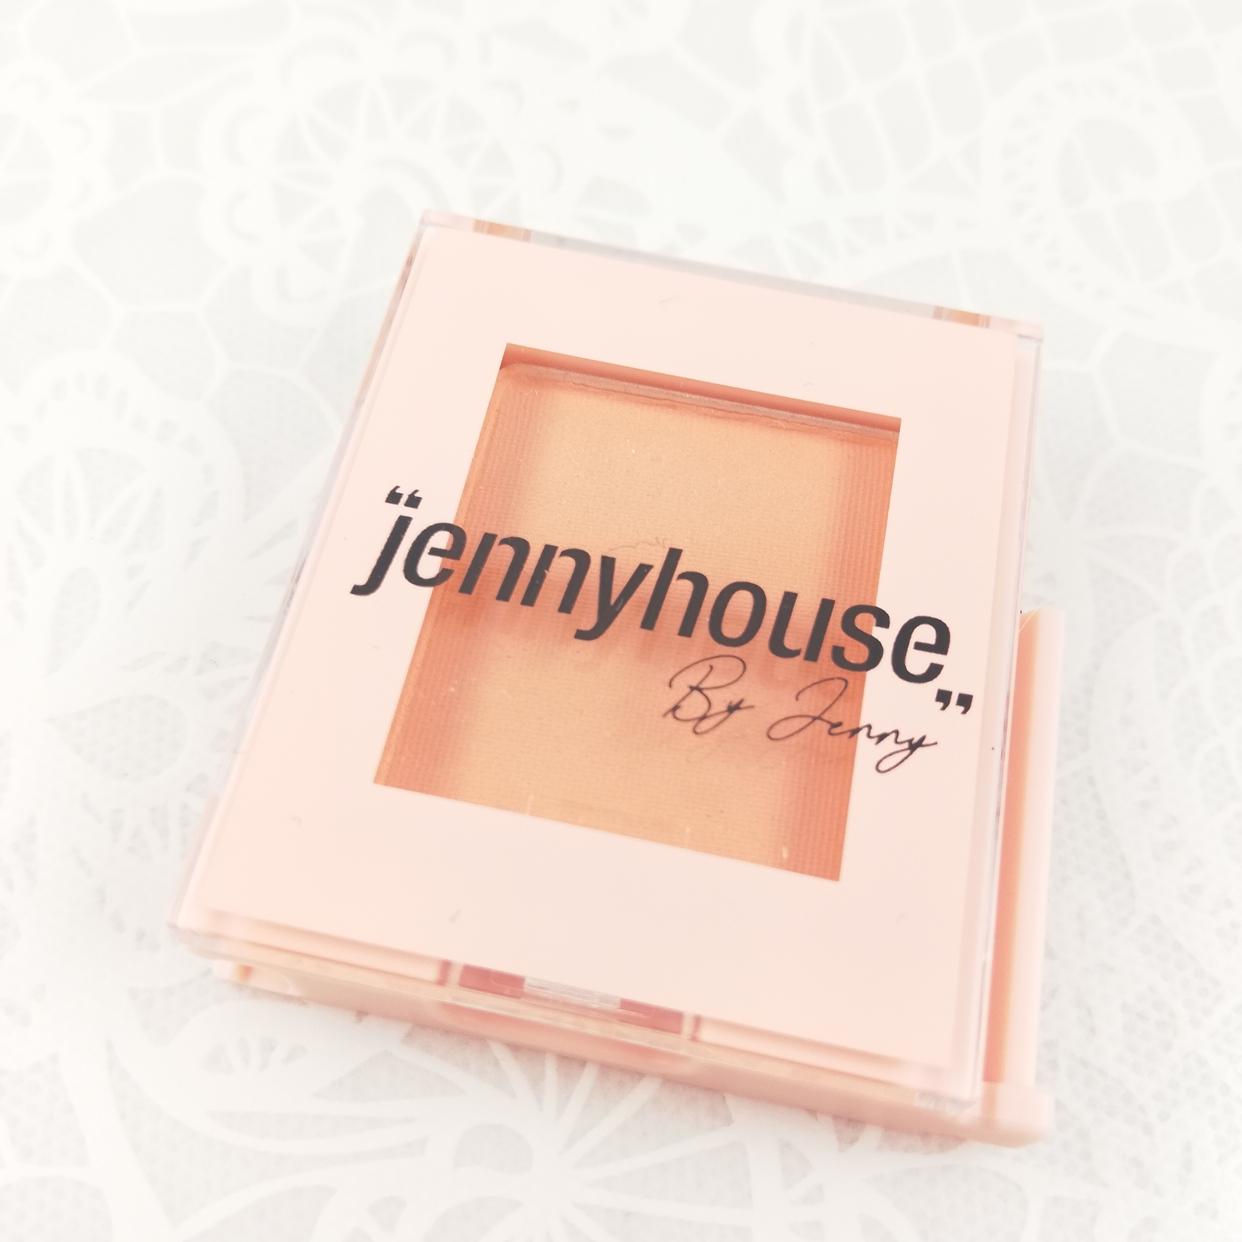 jennyhouse(ジェニーハウス) エアーフィットアーティストシャドウを使ったりか✨さんのクチコミ画像1